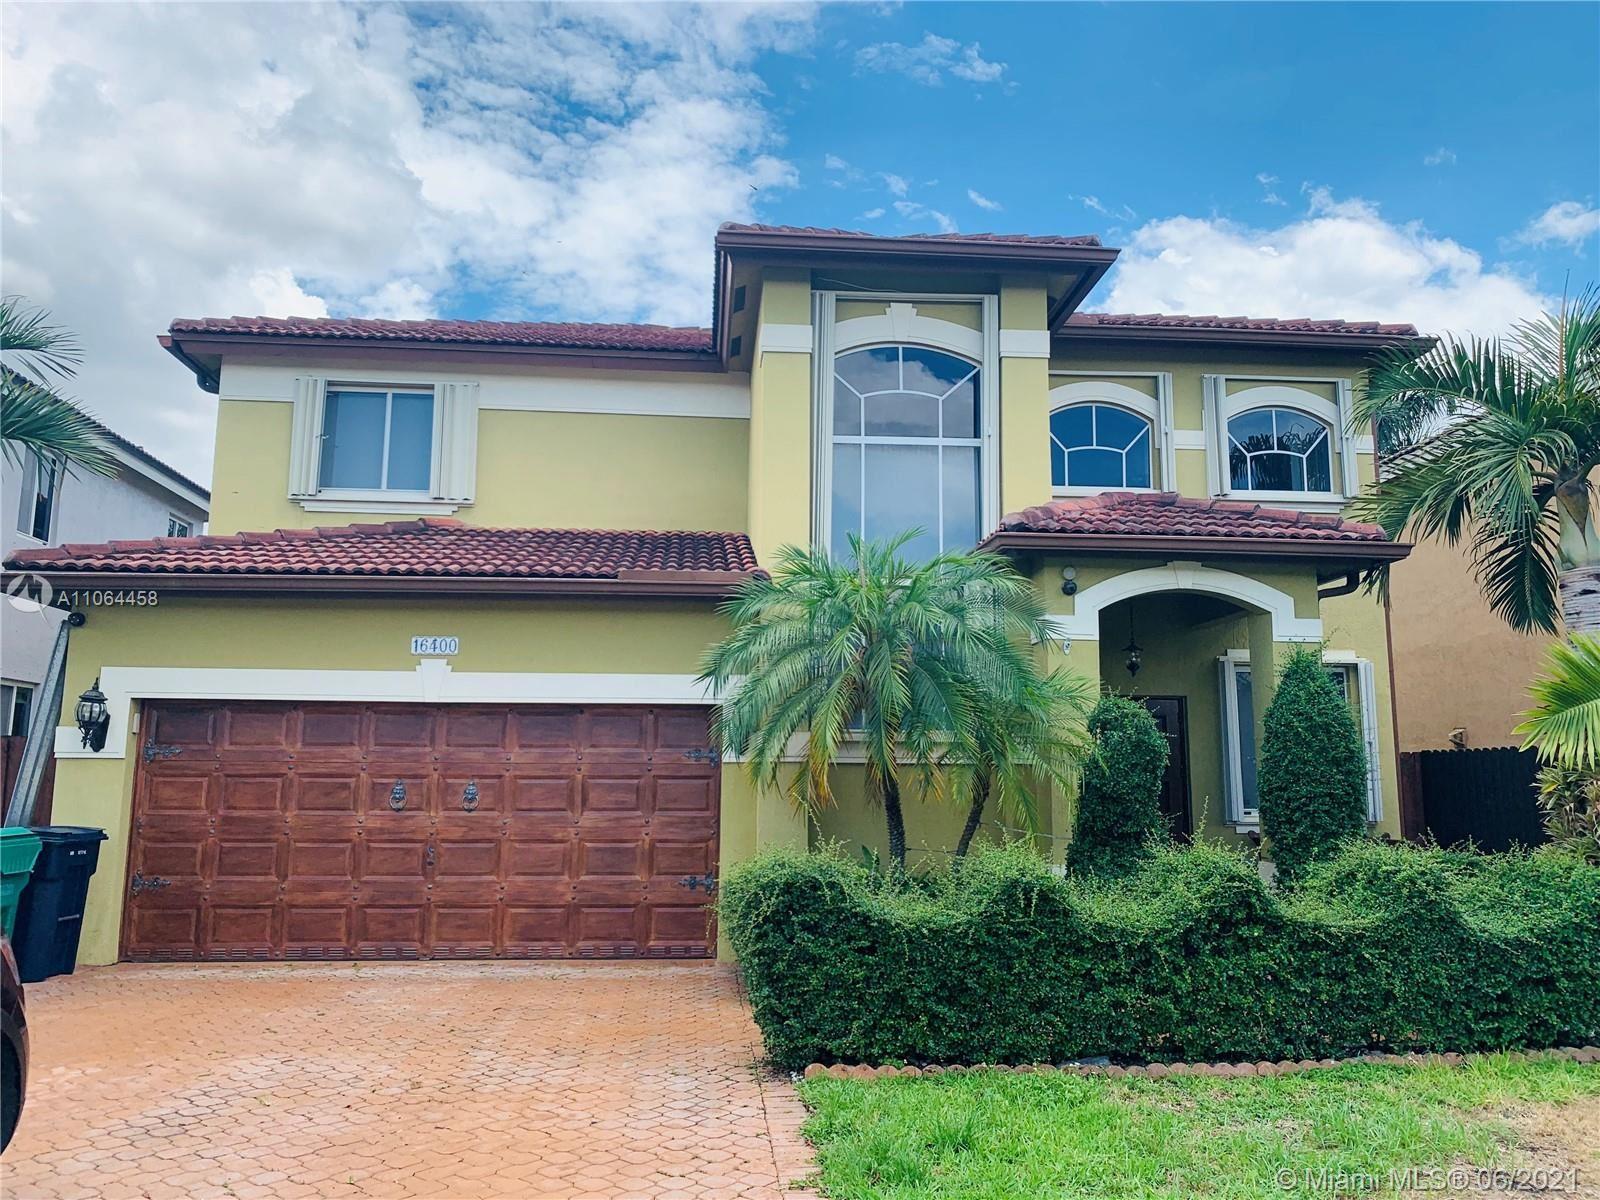 16400 SW 54th Ter, Miami, FL 33185 - #: A11064458